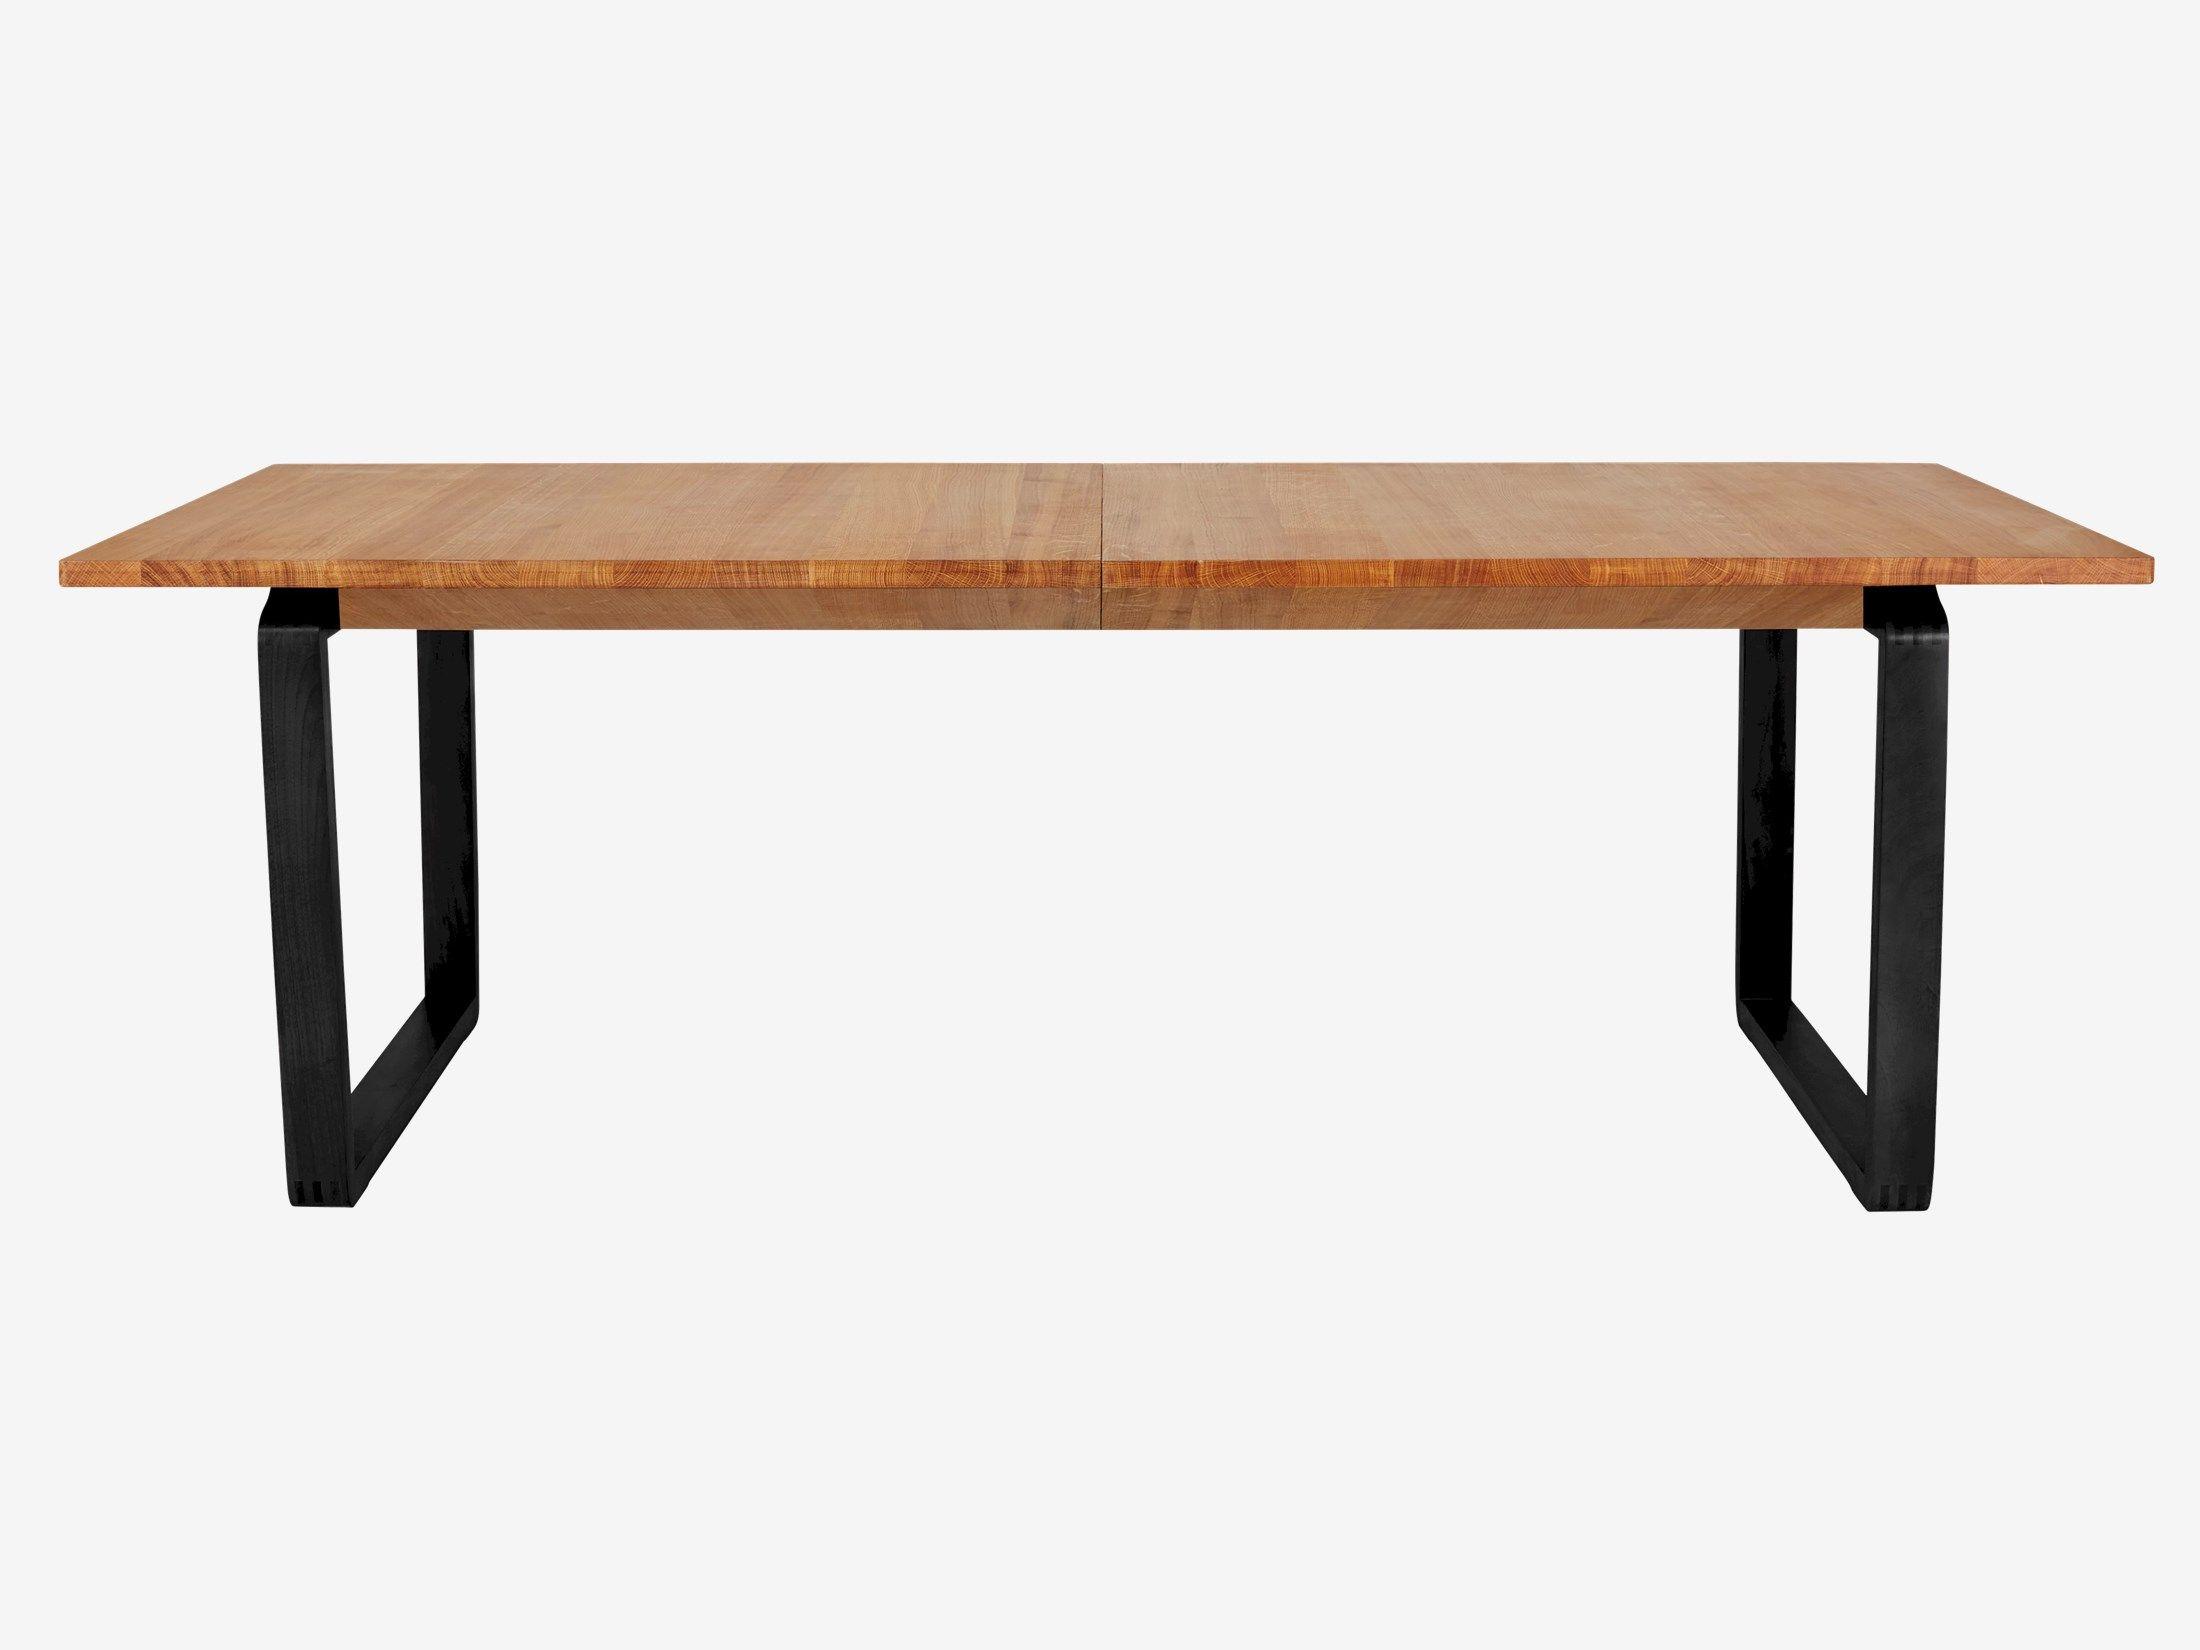 Dt18 Esstisch Furnier Skandinavisches Design Esstisch Zapfenverbindung